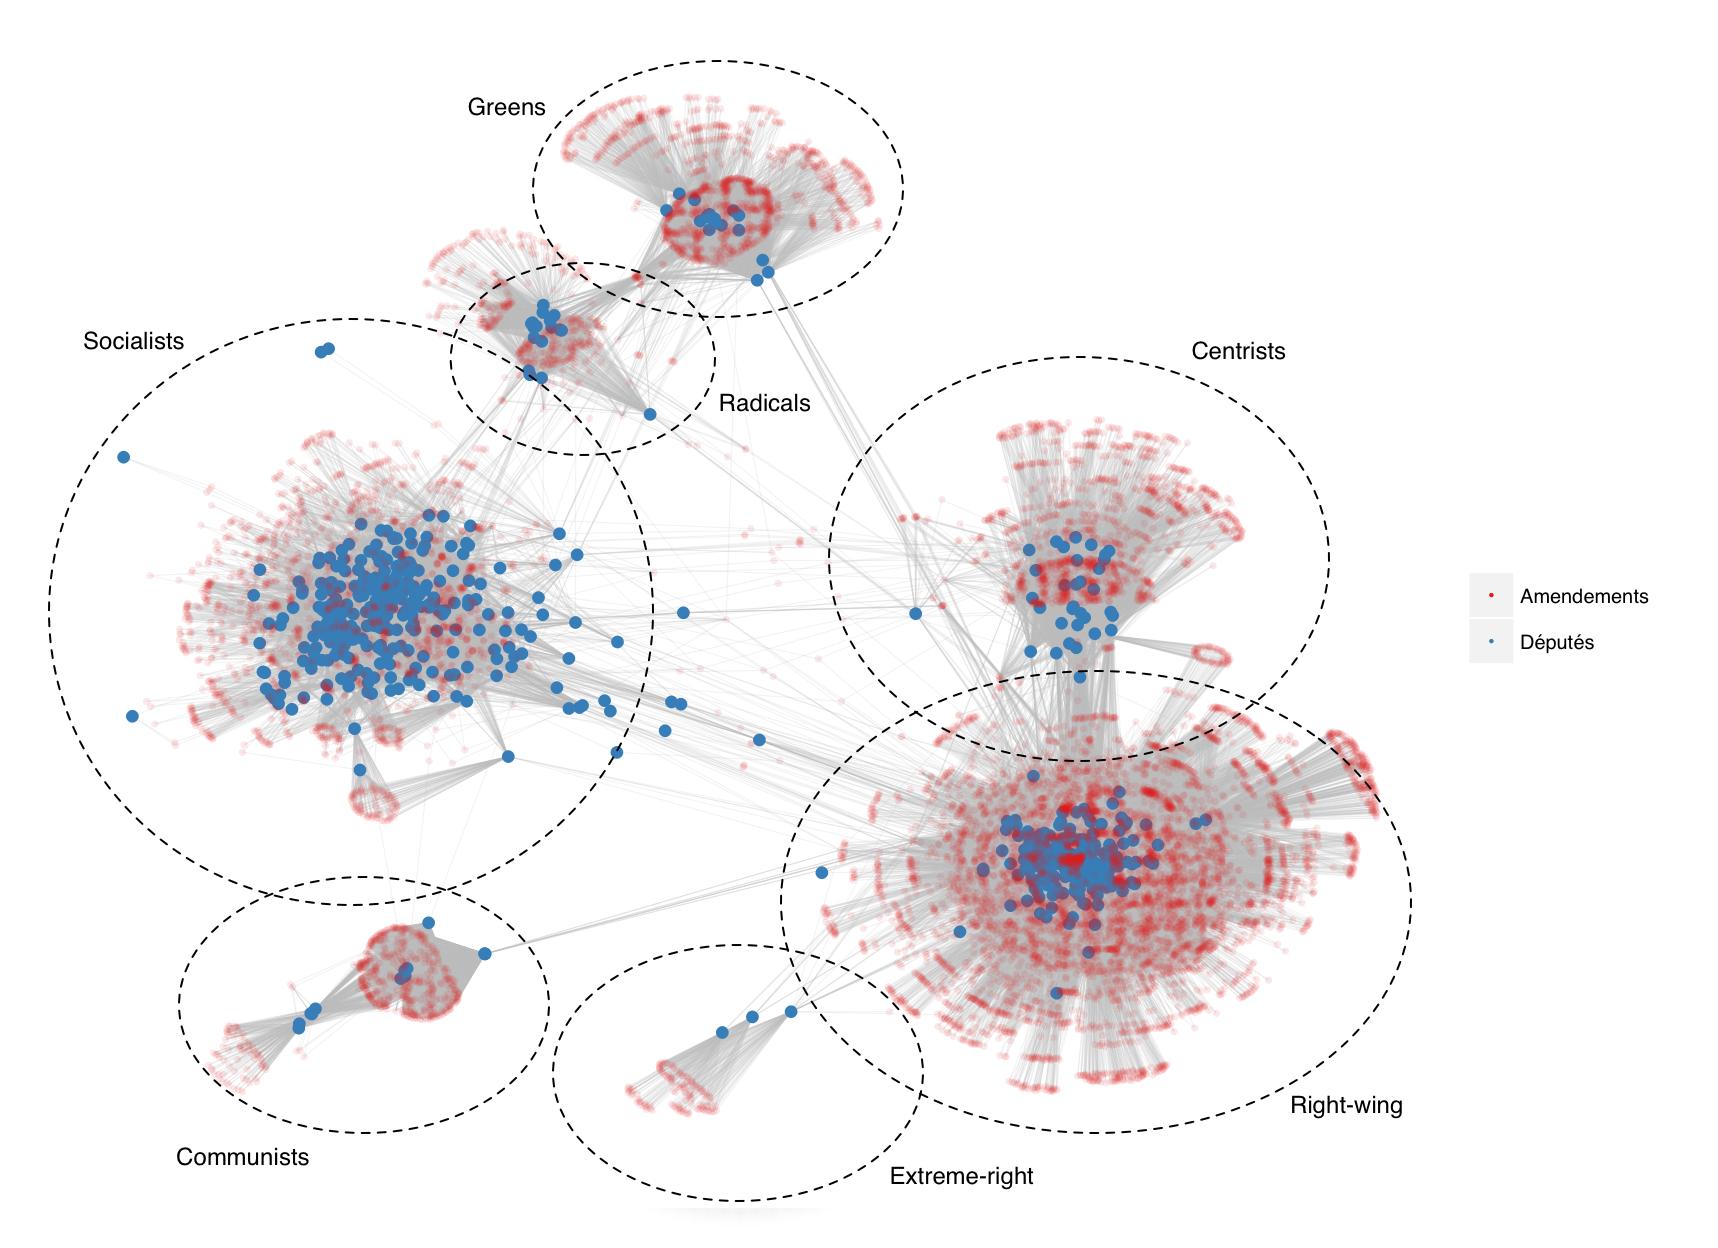 network.bipartite.14